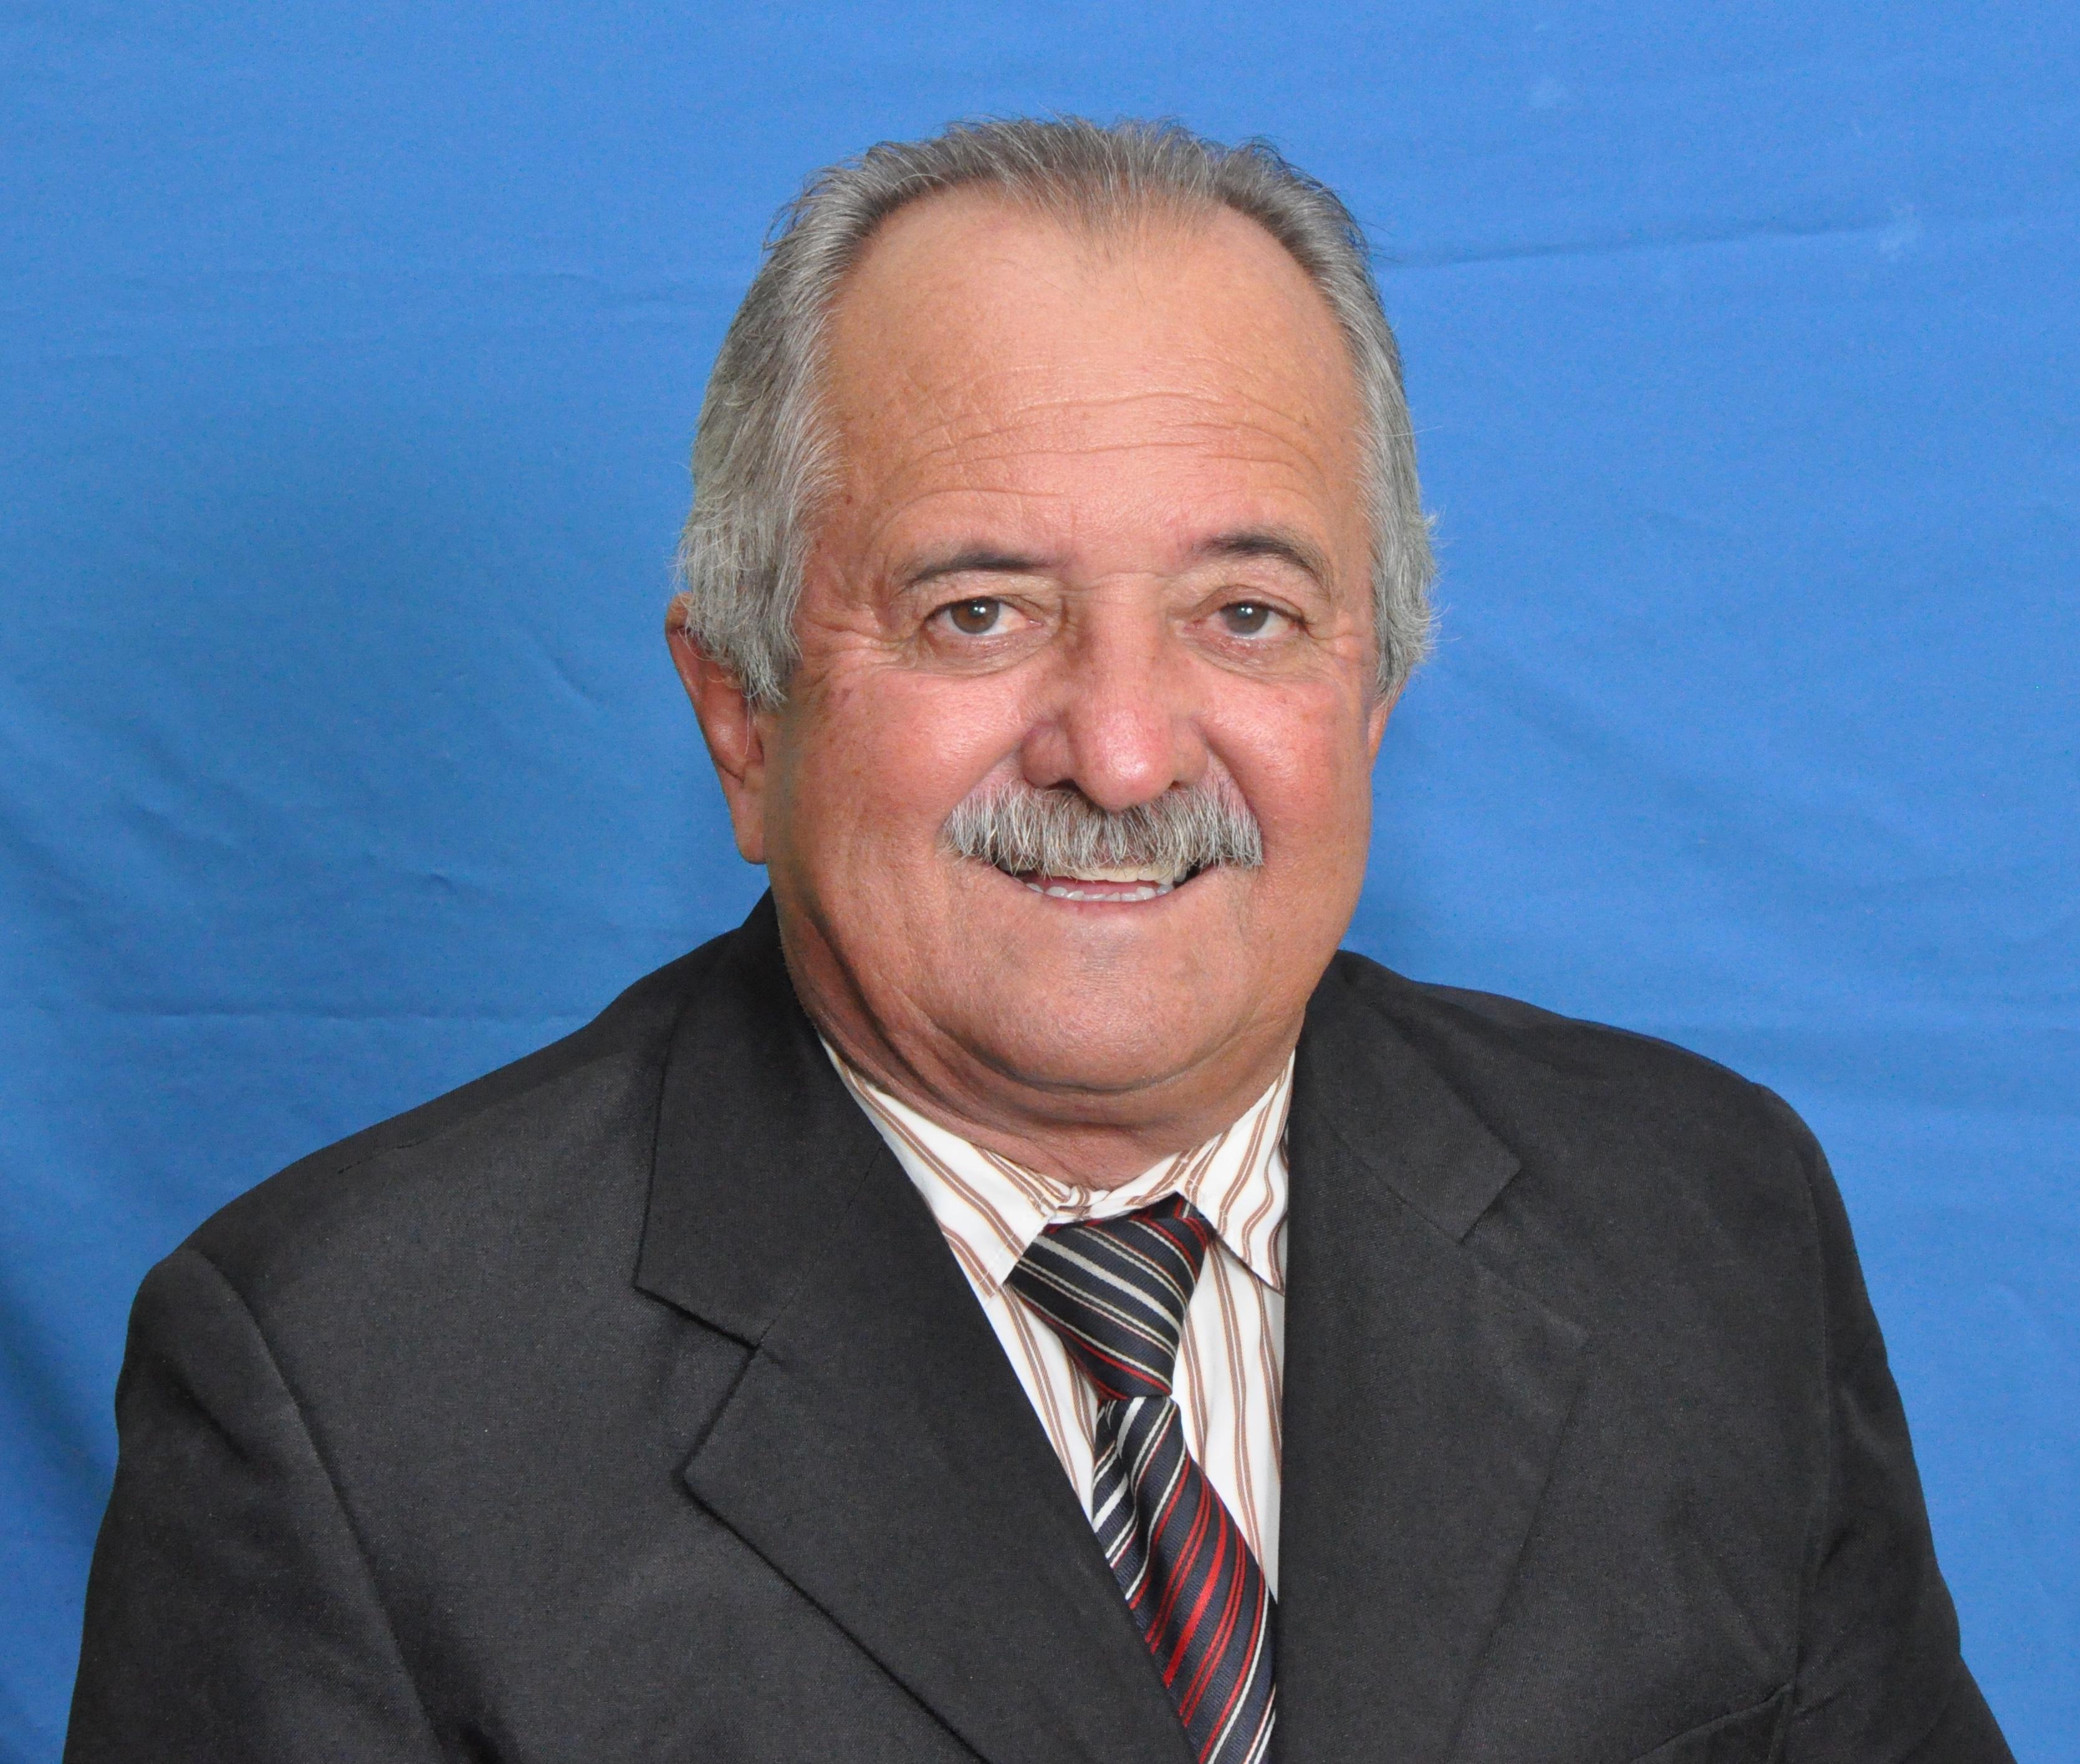 João Alencar Ricarte (Presidente)